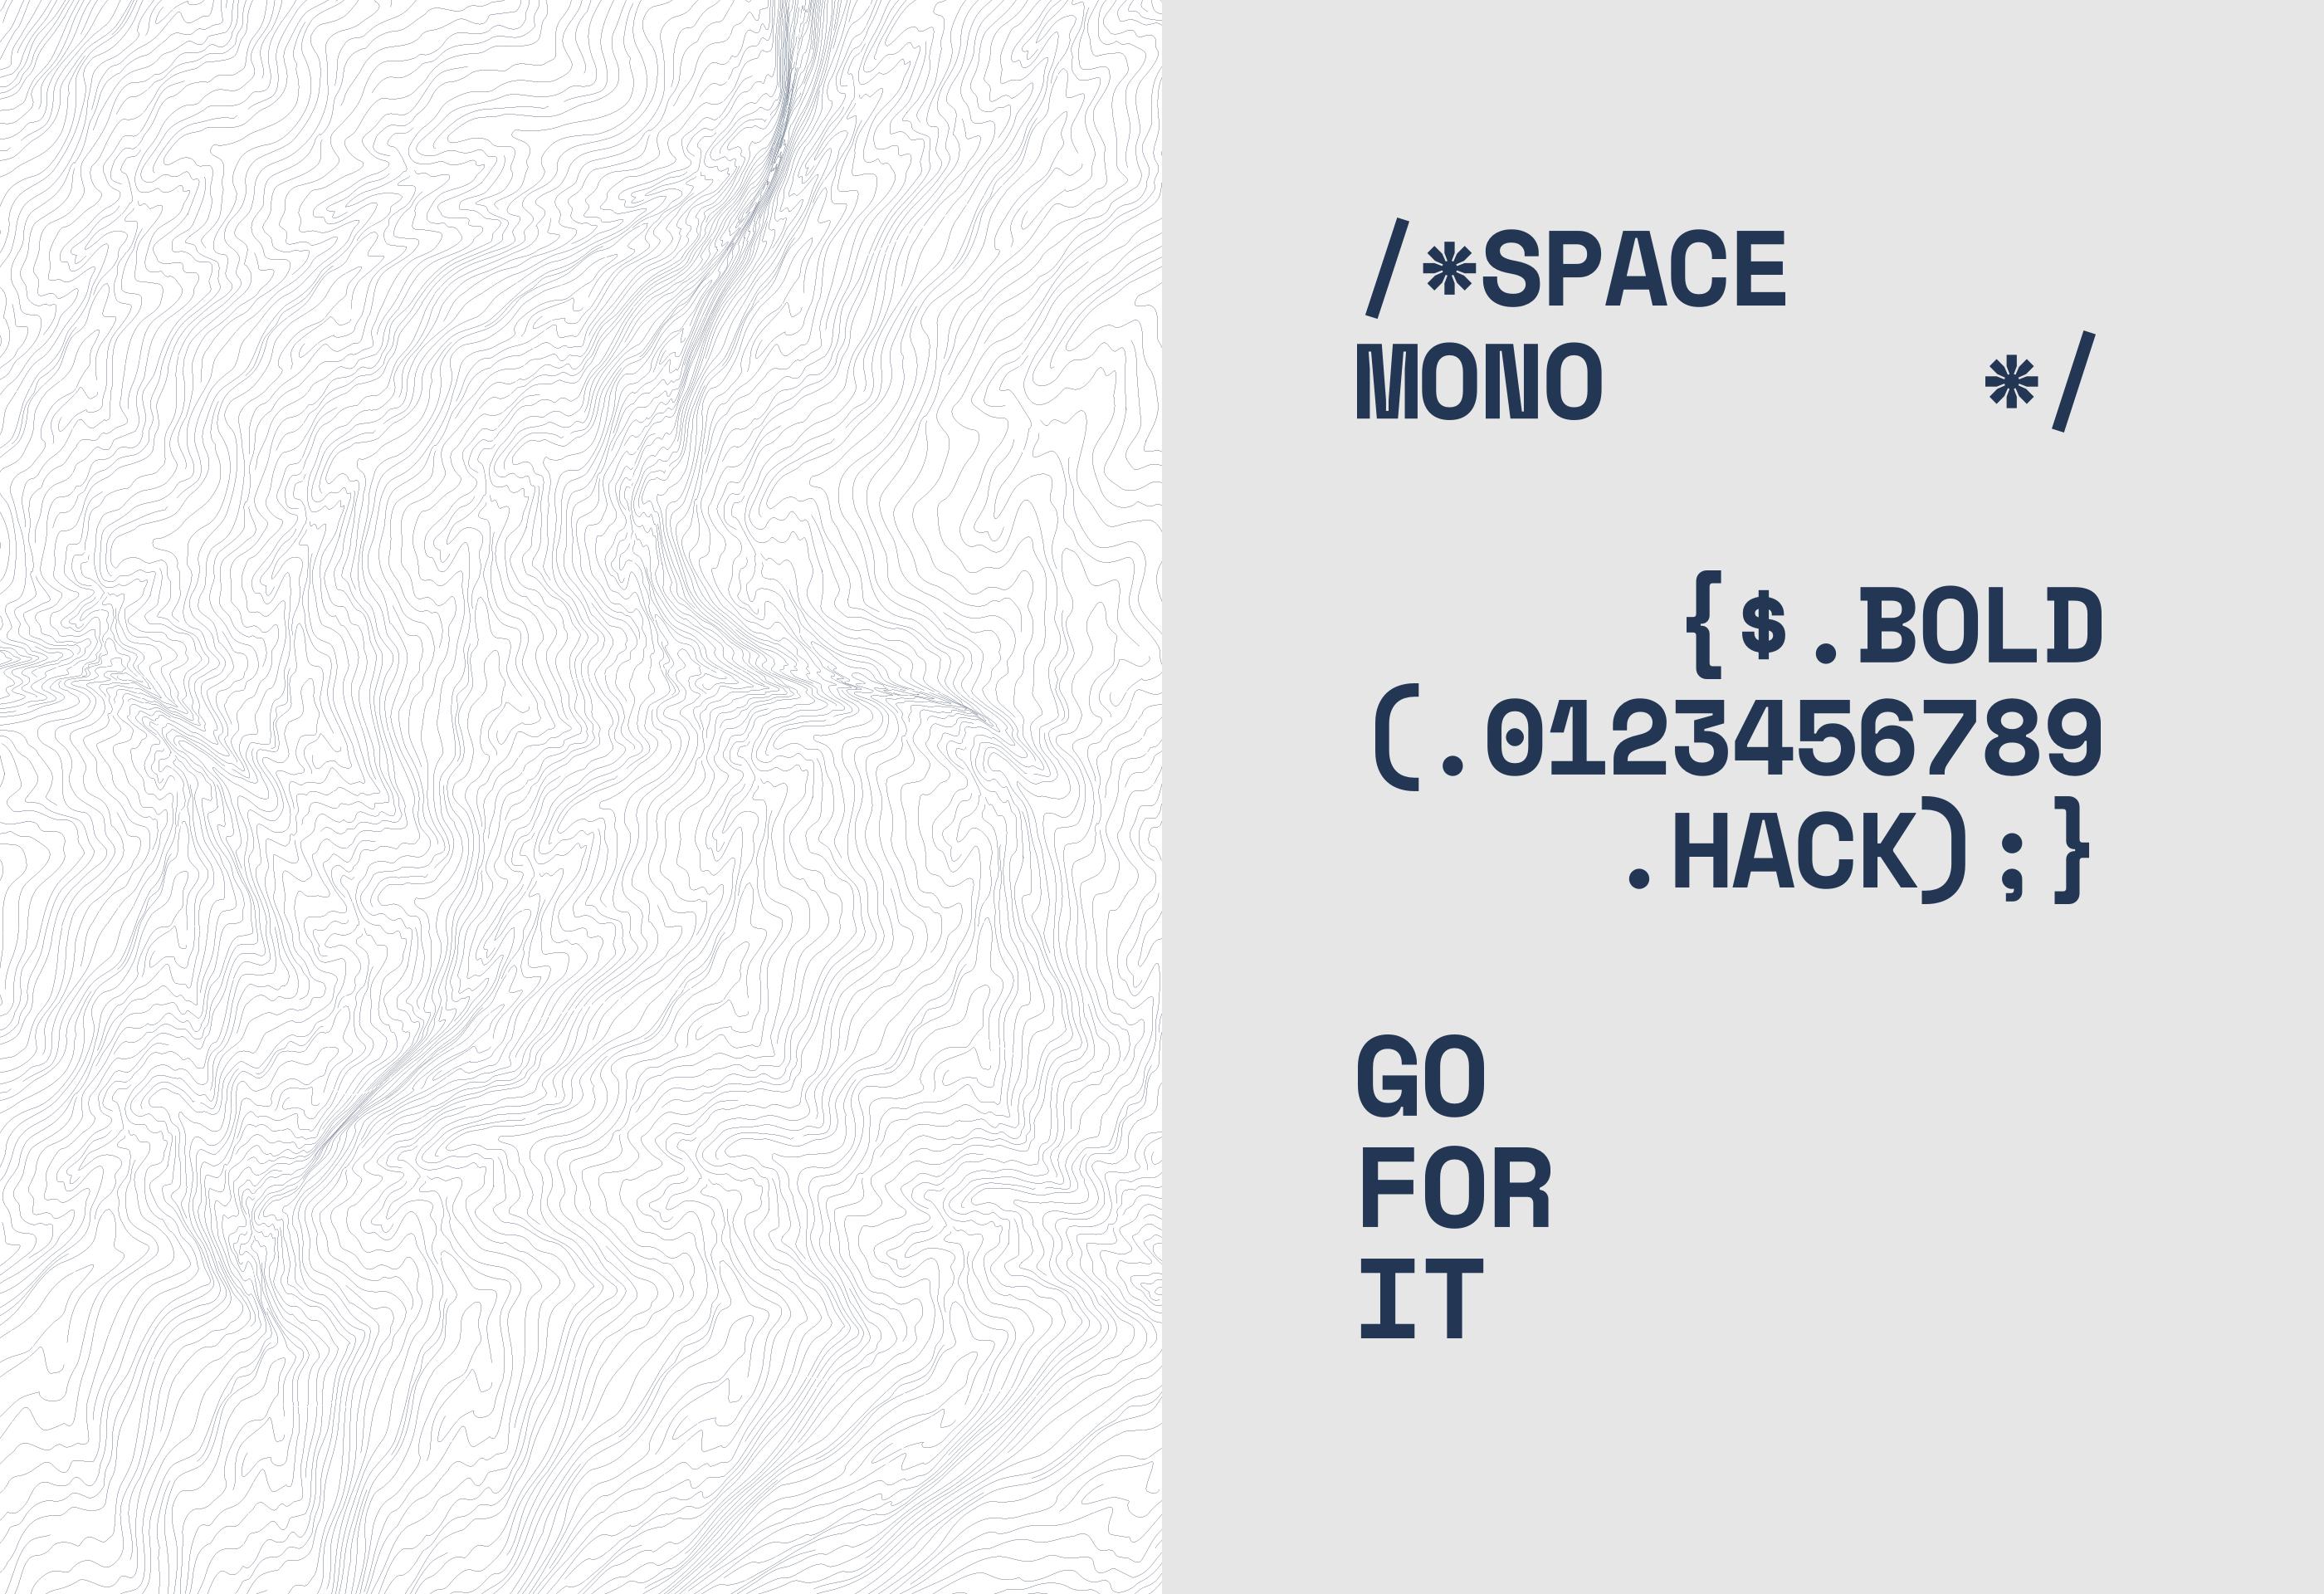 Hackathon-Grid-Typo